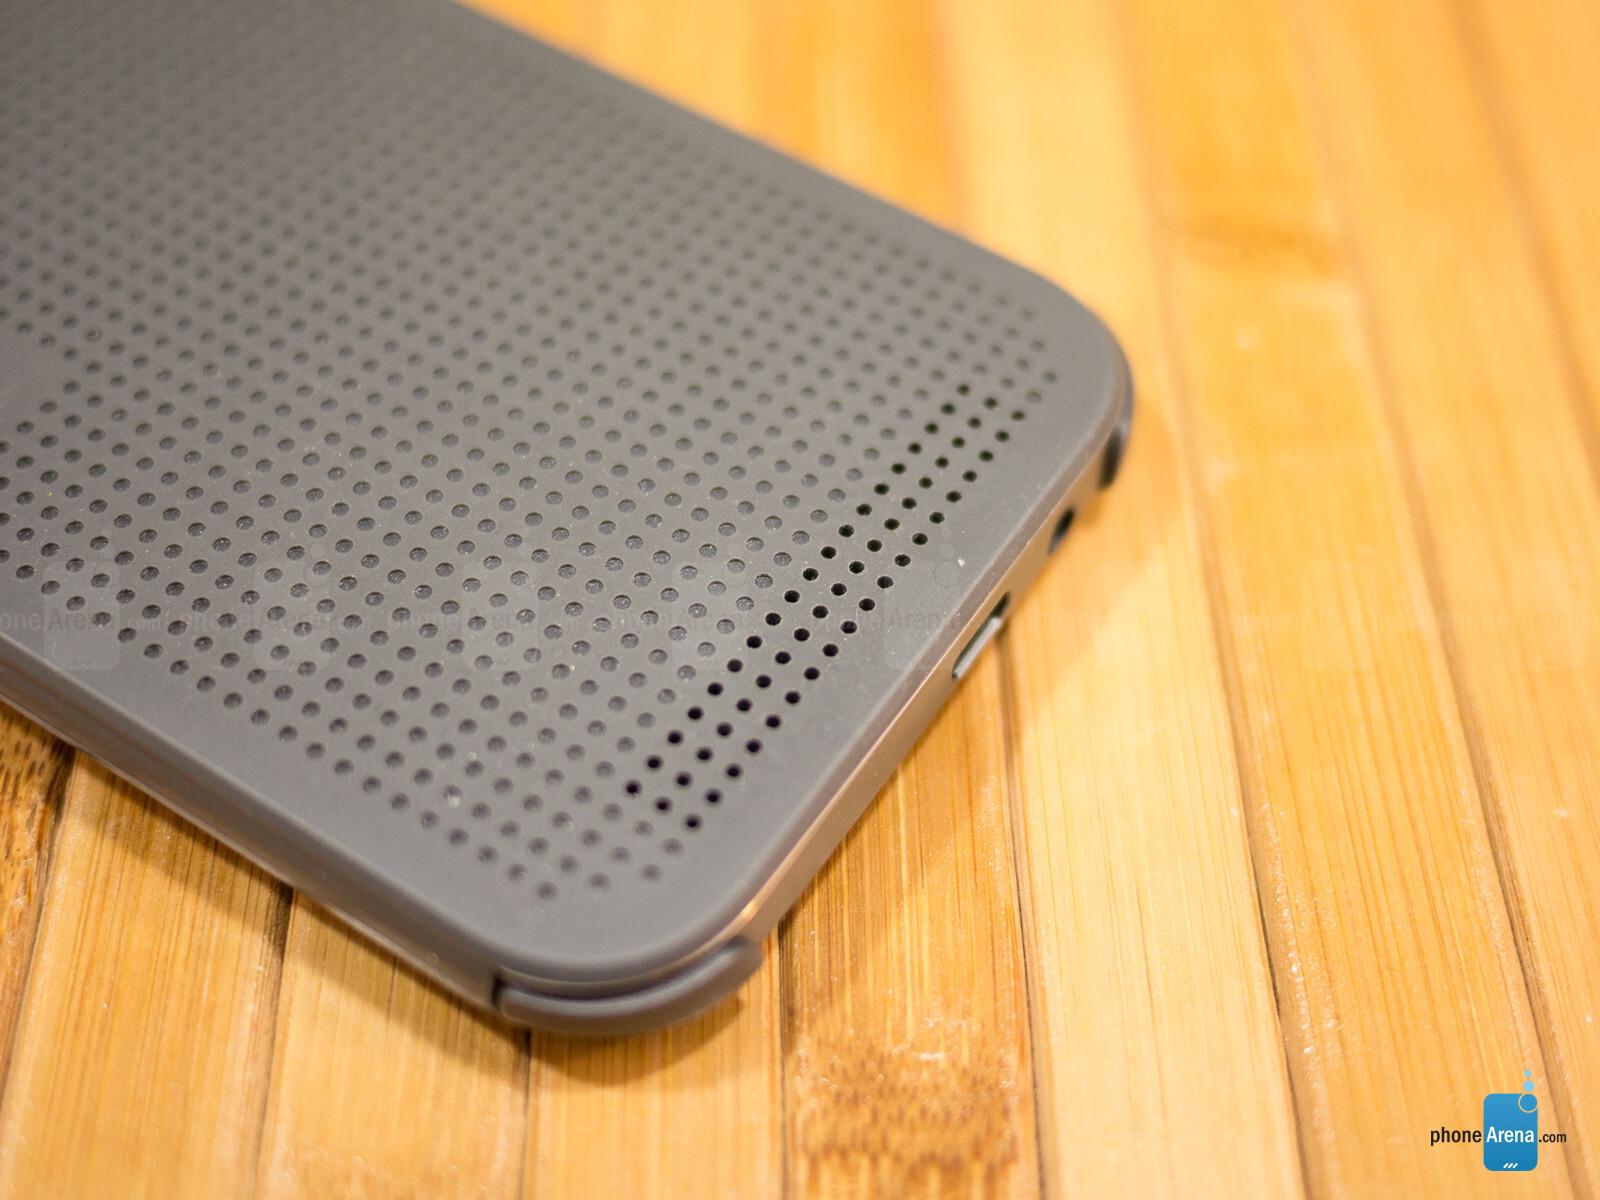 Htc Dot View Case m7 Htc One m8 Dot View Case